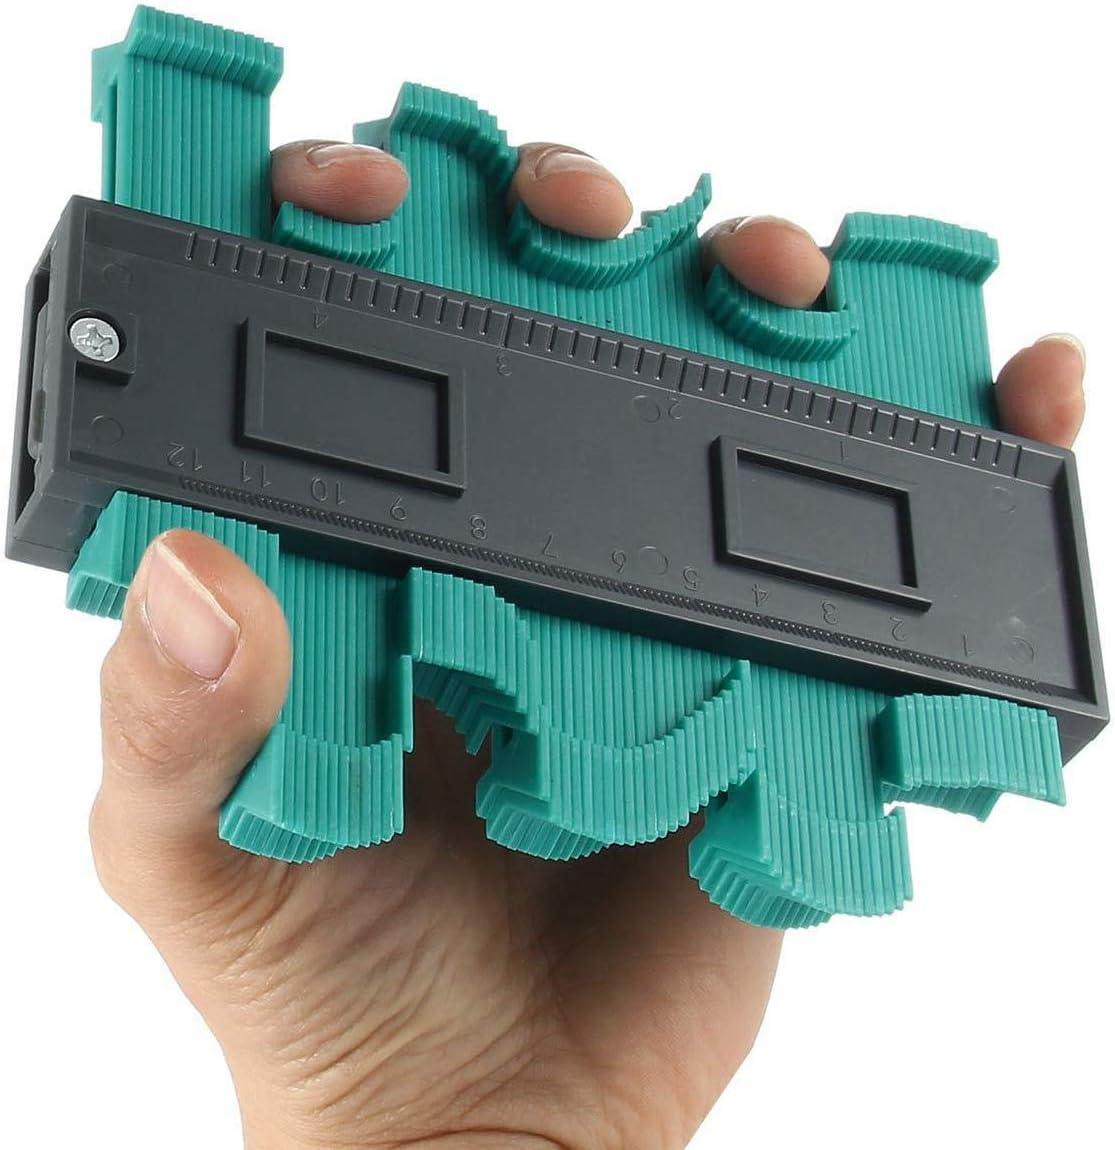 de mesure pour pr/écision de mesure de carrelage Copieur de Contour Sinwind Jauge de Contour Duplicateur 12 * 10